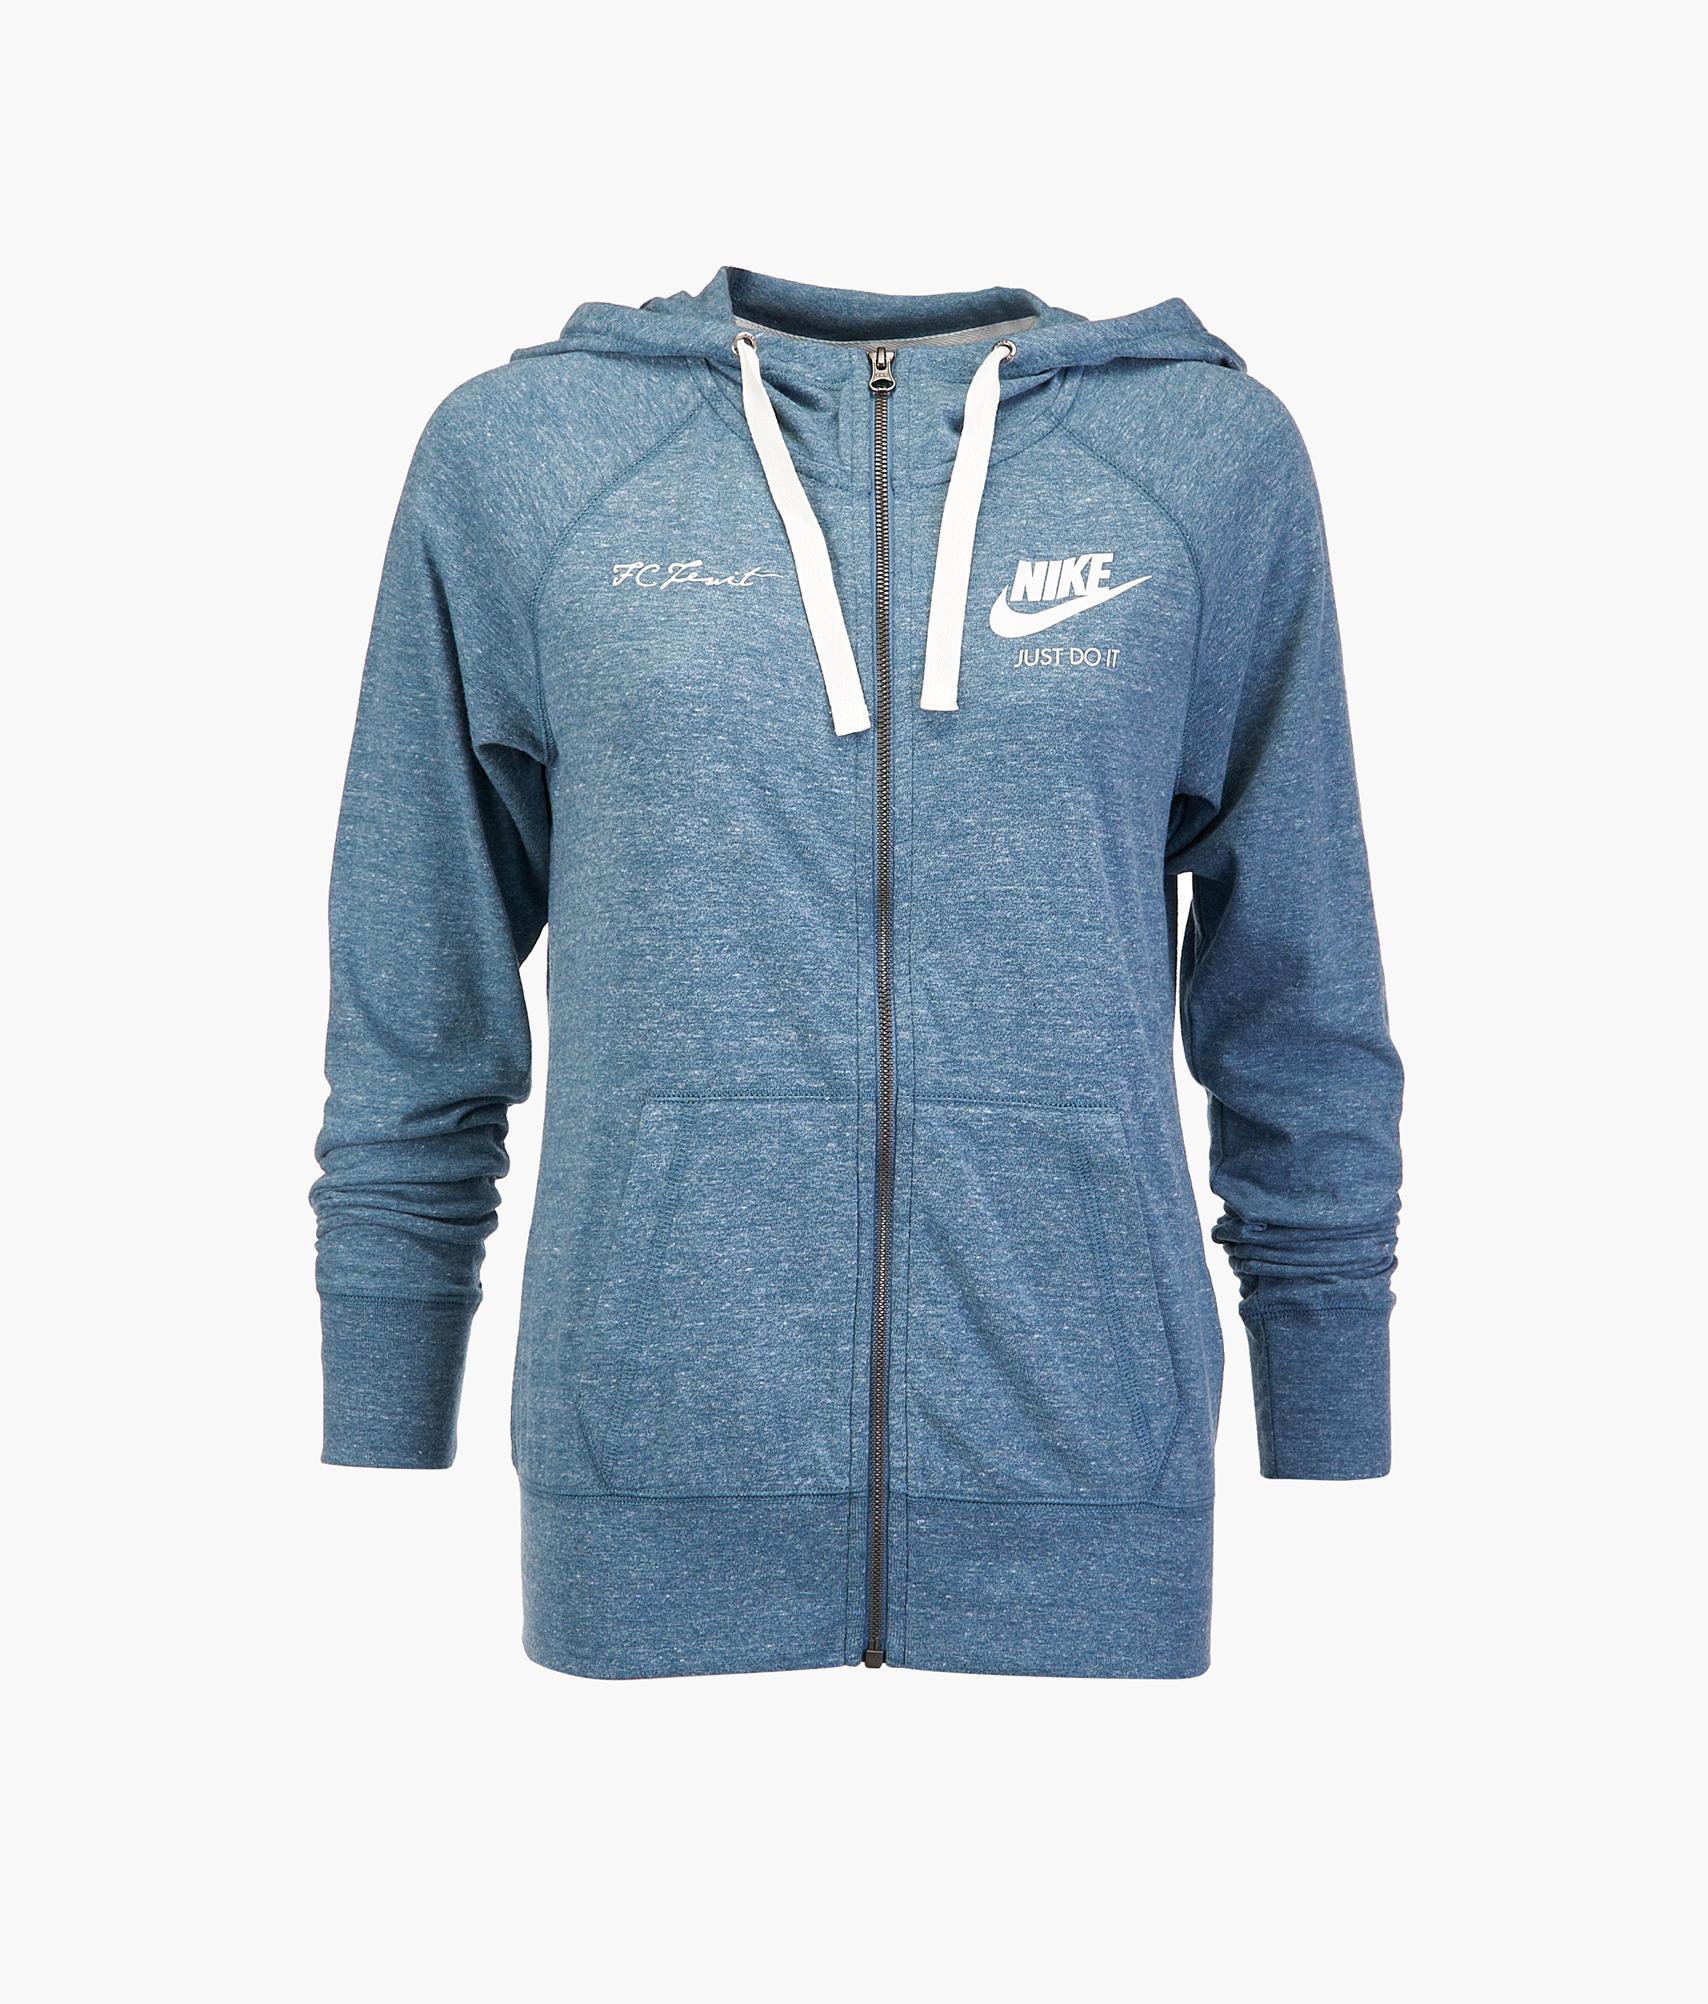 e4dcafc6 Толстовка женская Nike 883729-468 купить за 4 650 руб в интернет магазине  ФК Зенит